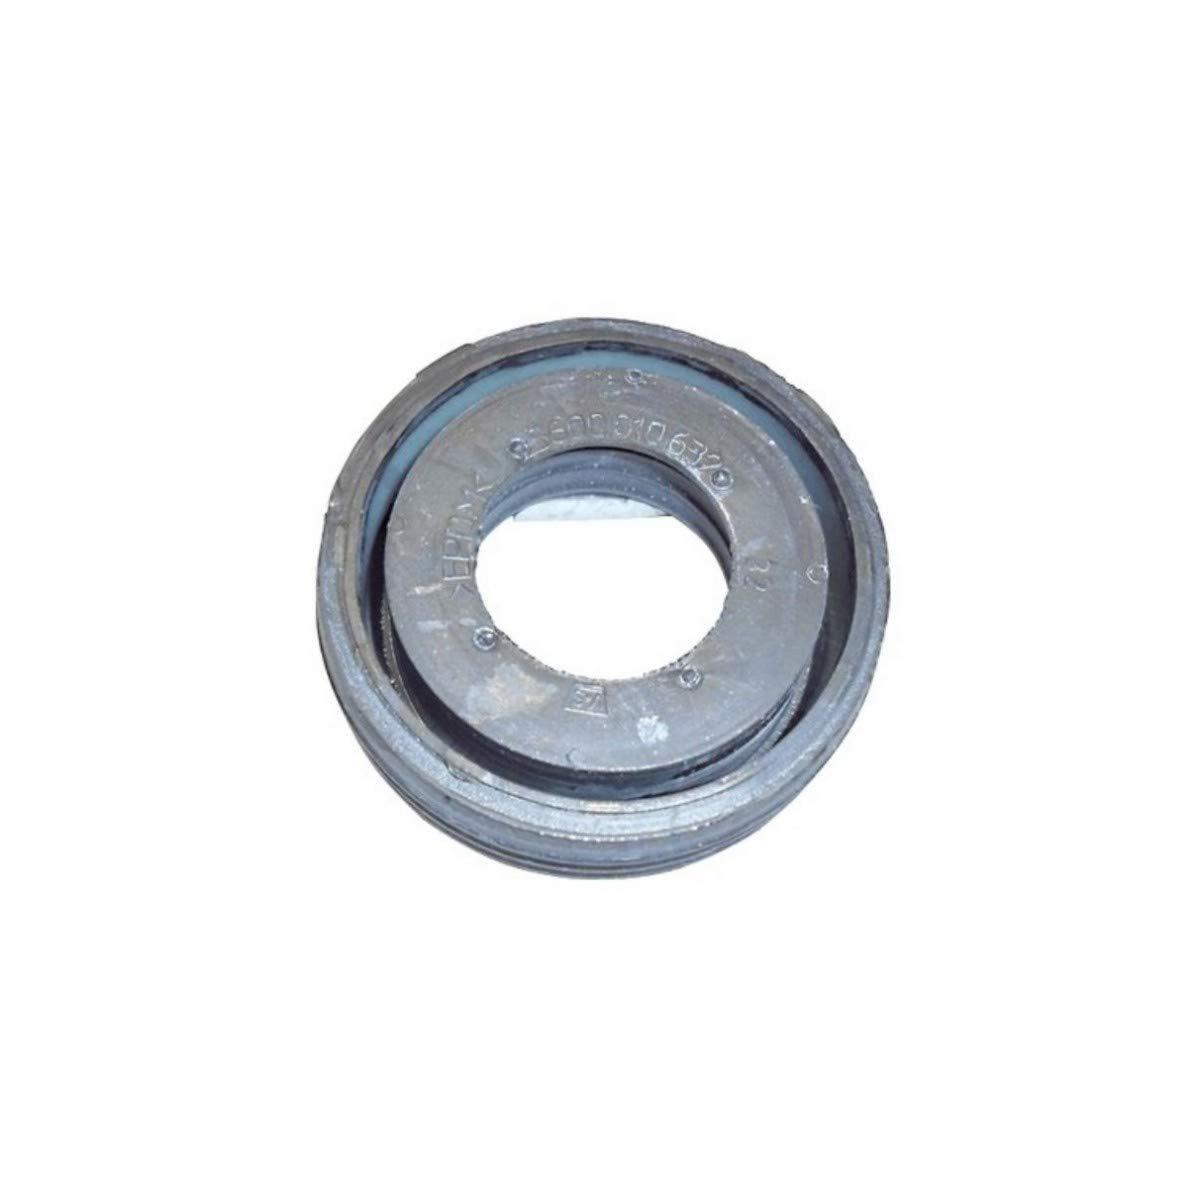 Recamania Junta Motor lavavajillas Bosch SGS4412EP01 171598: Amazon.es